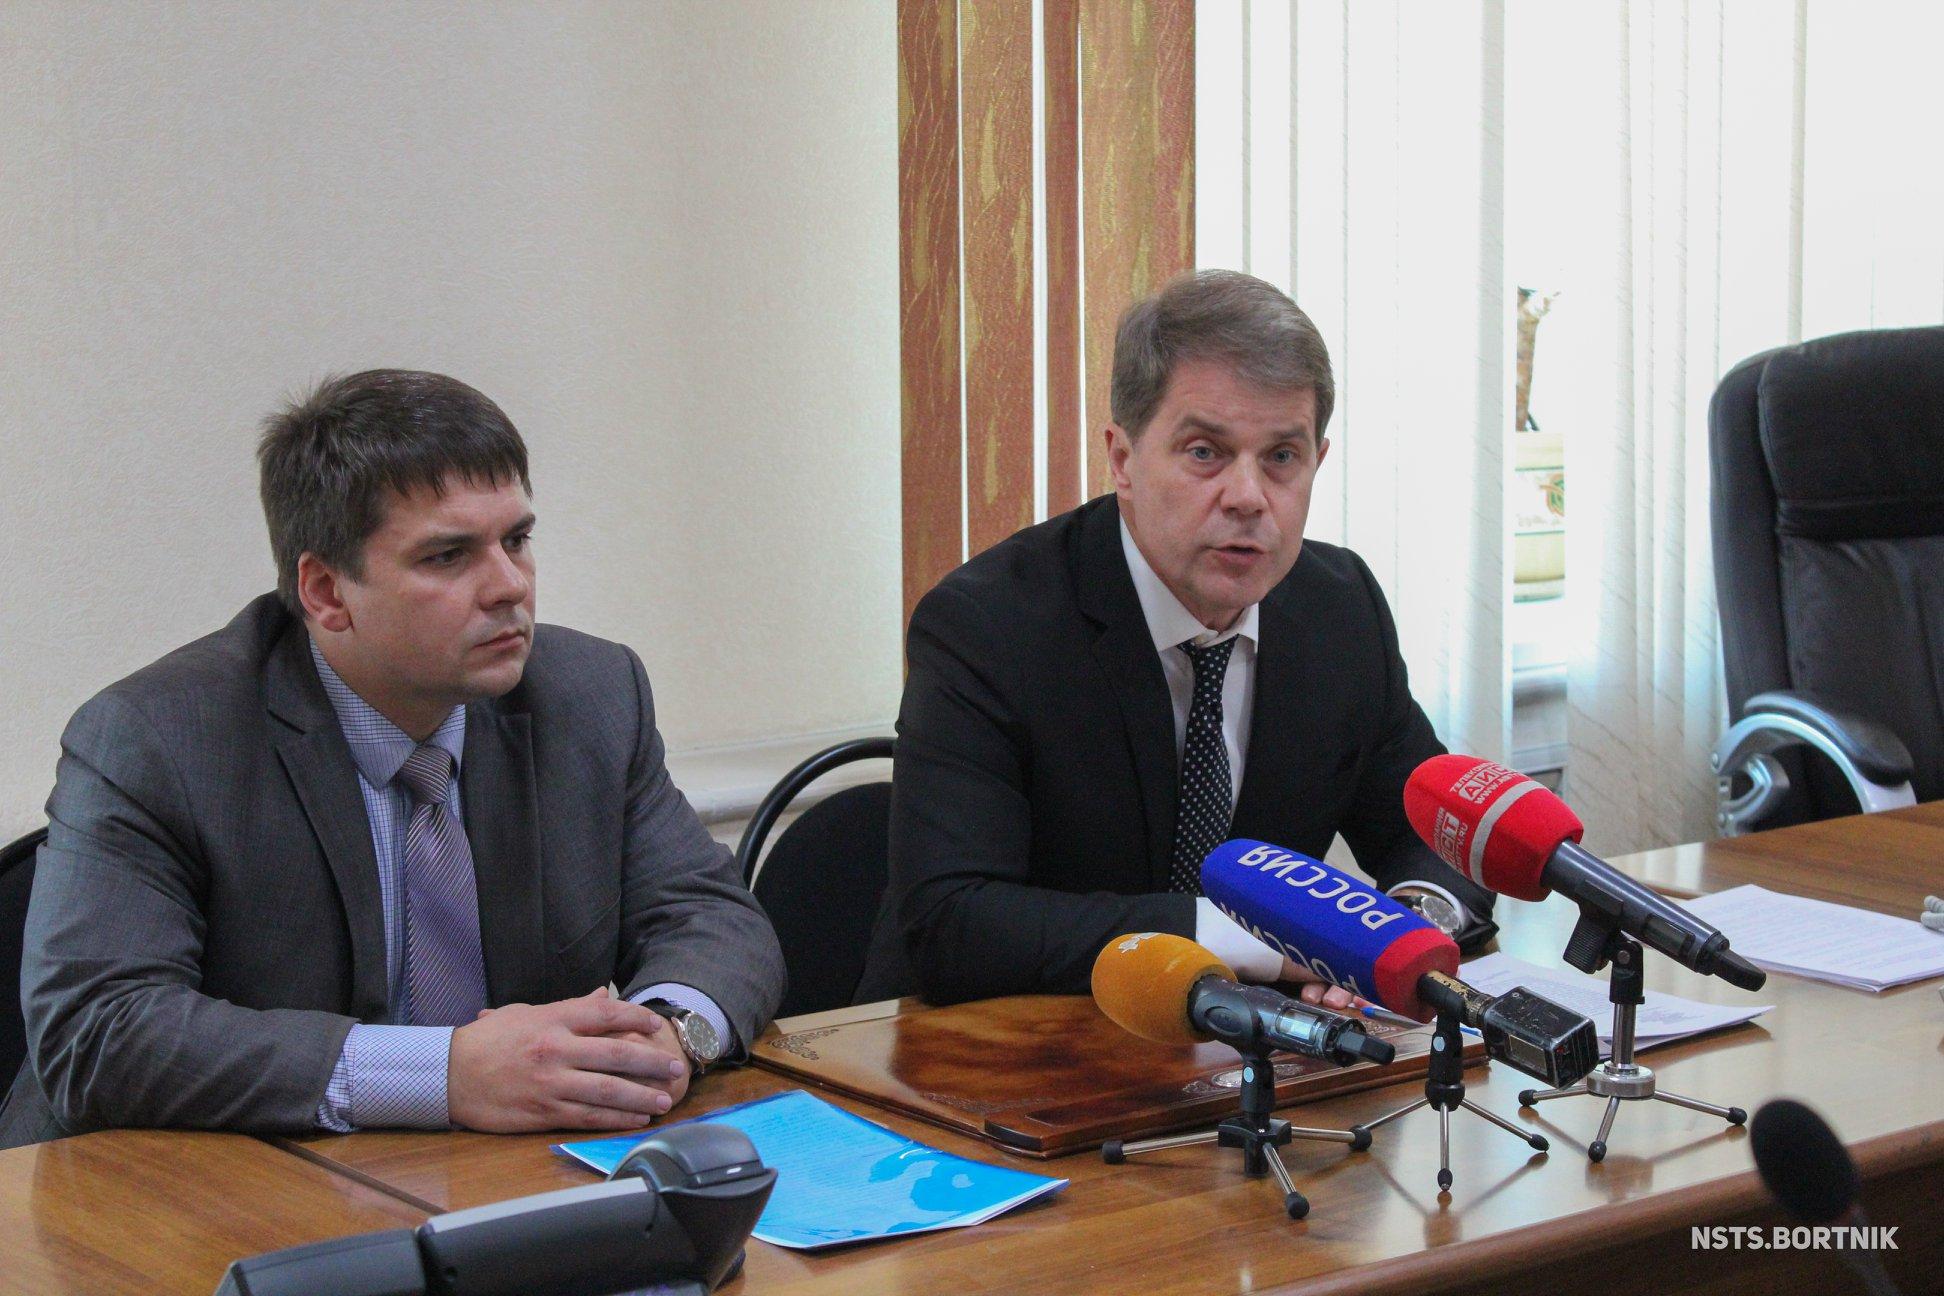 В министерстве здравоохранения Иркутской области 7 октября 2019г. прошла пресс-конференция, поводом для которой послужило очередное резонансное нападение на медика при исполнении служебных обязанностей. Министр Олег Ярошенко рассказал о происшествии,…